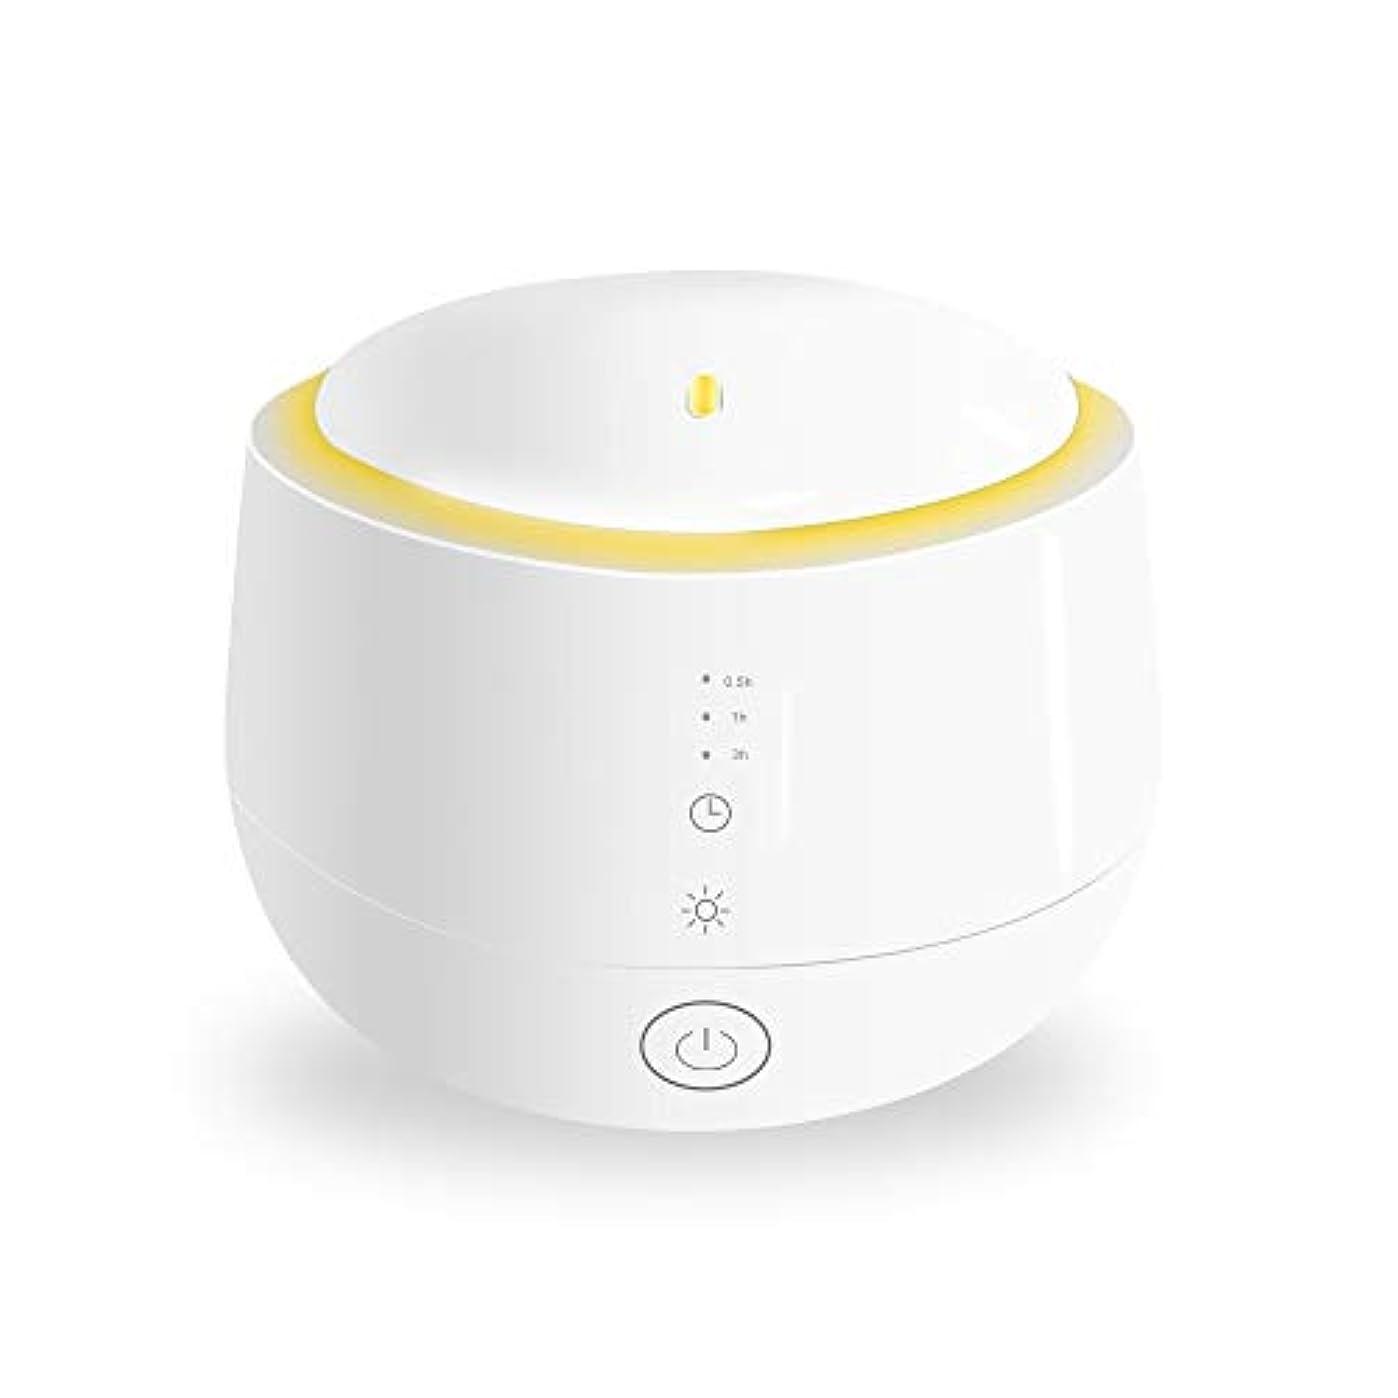 味わう分注する創始者Smiler+ 超音波式 アロマディフューザー 加湿器 ムードランプ 大容量 ガラスカバー 空焚き防止機能搭載 変色LED付き 低騒音 時間設定